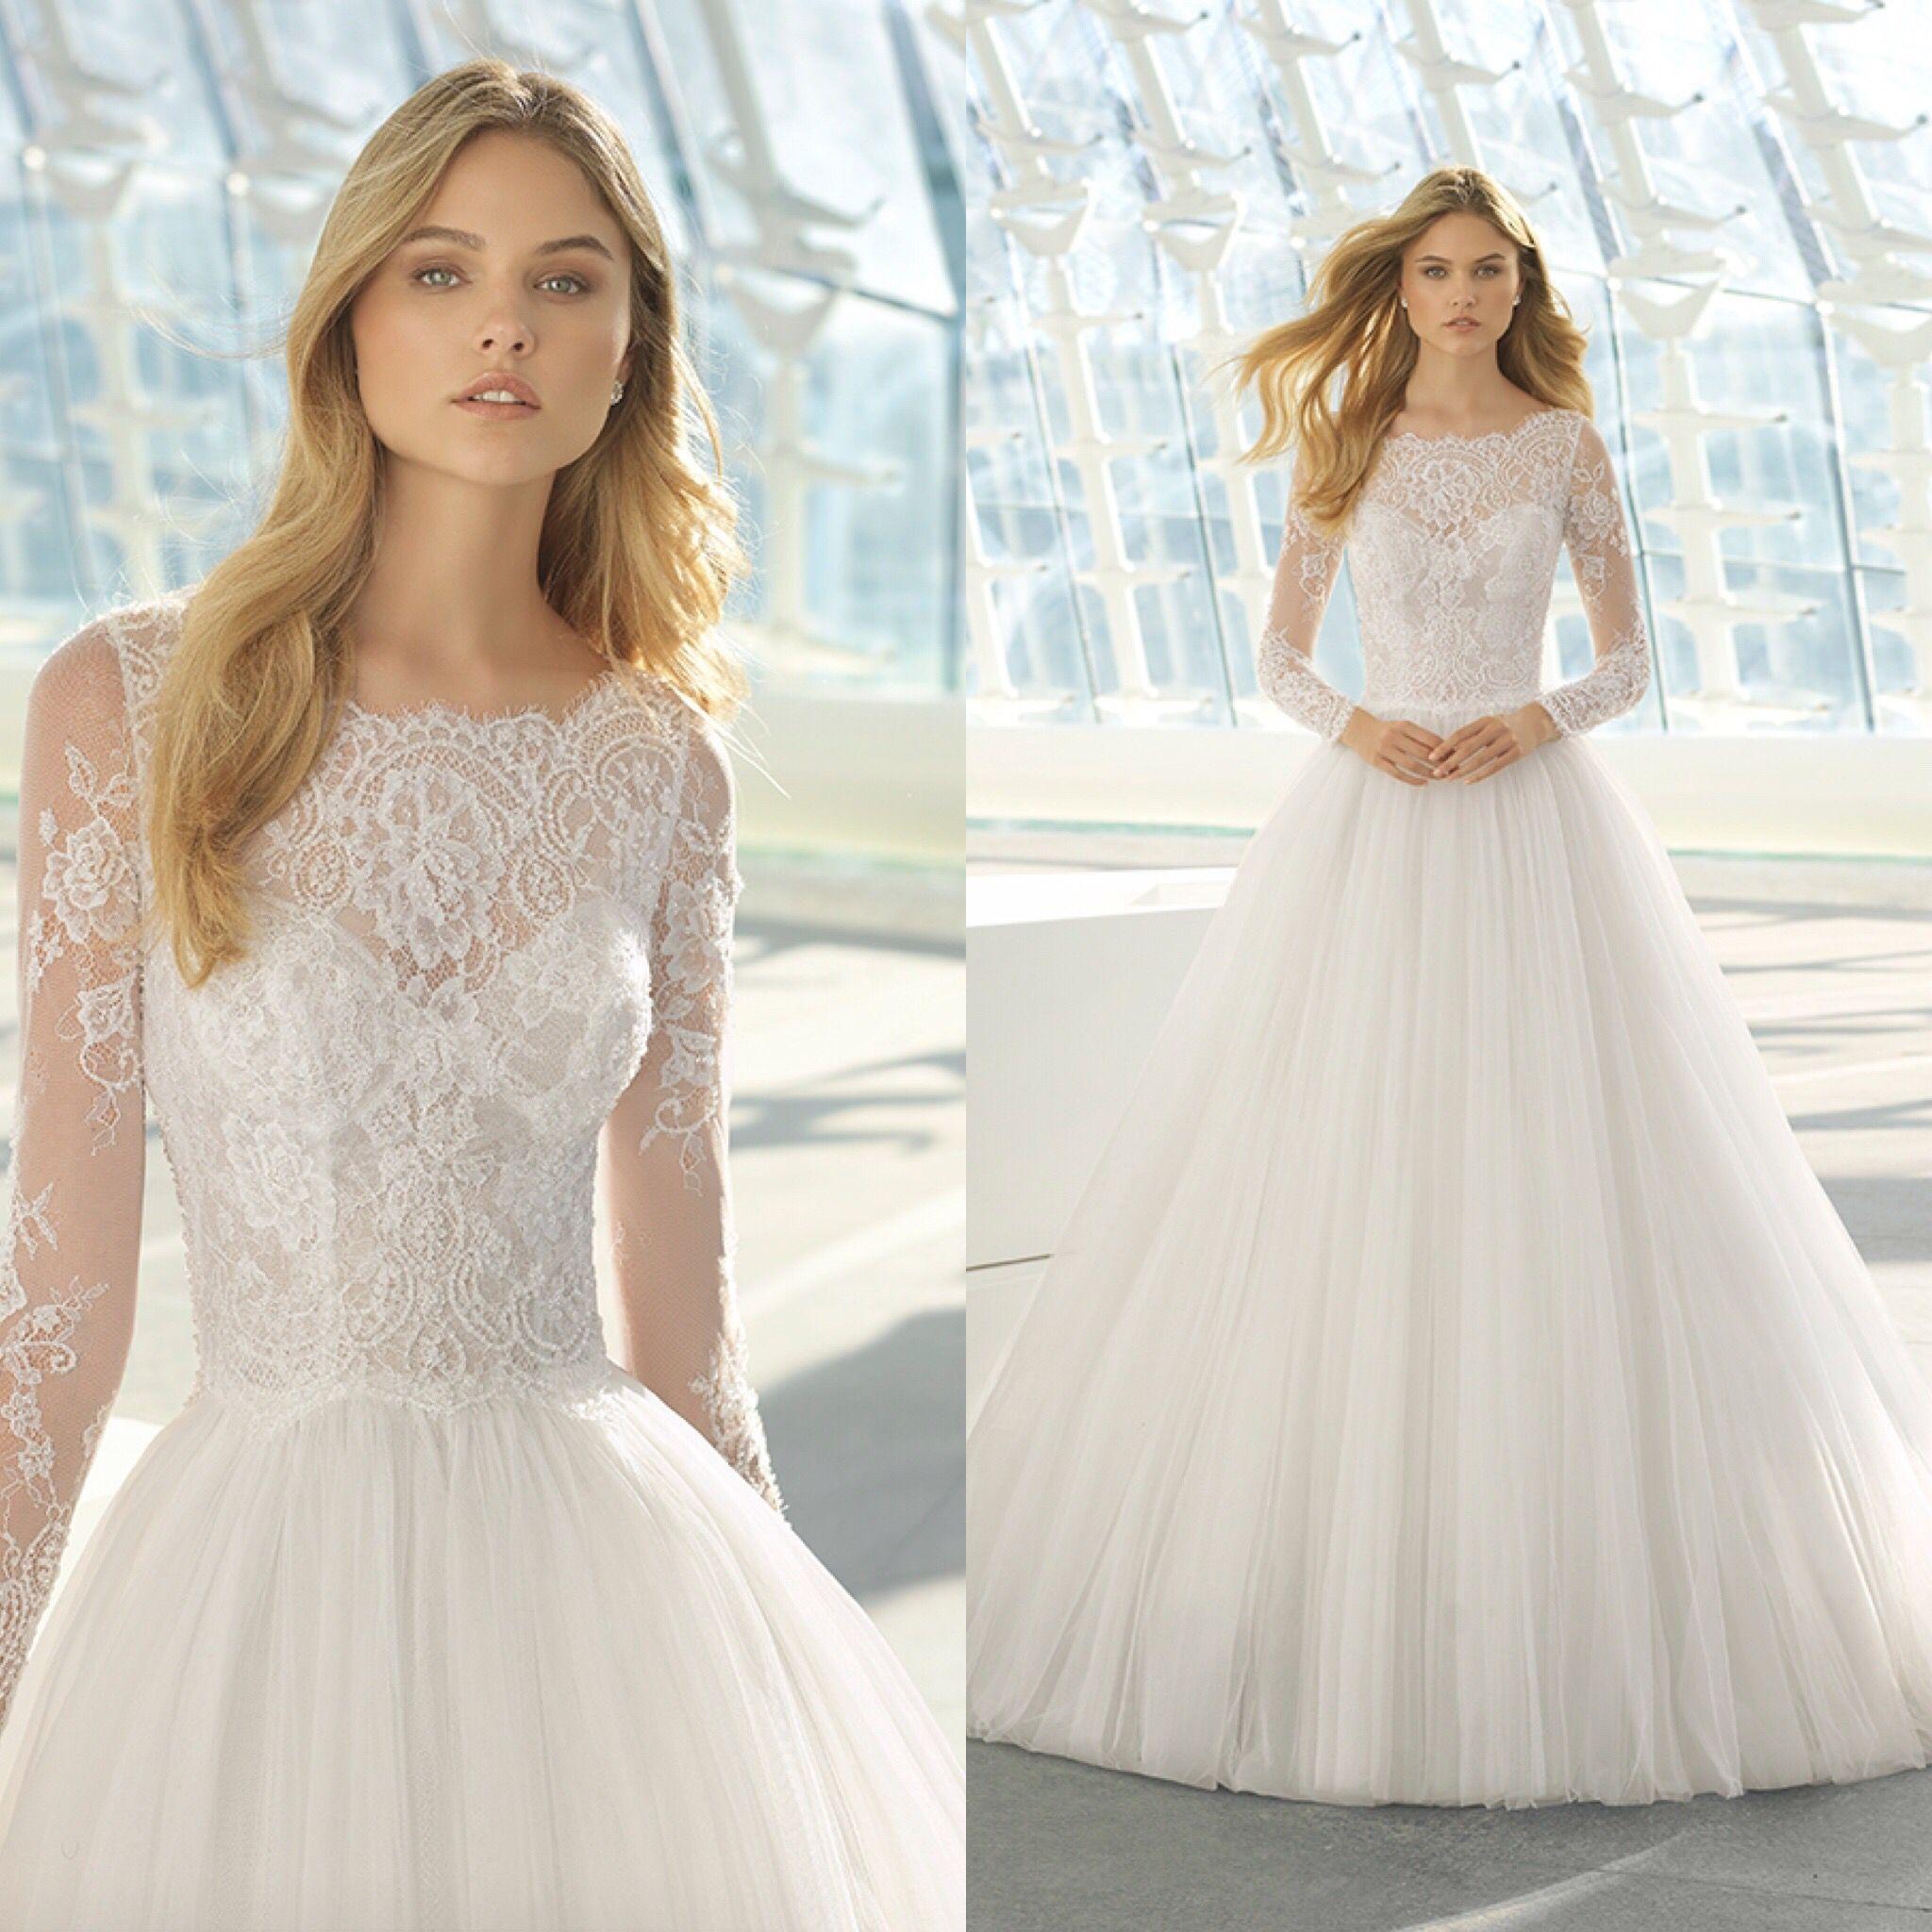 Abito Principesco Collezione 2019 Vestiti Da Cerimonia Nuziale Abiti Da Sposa Sposa